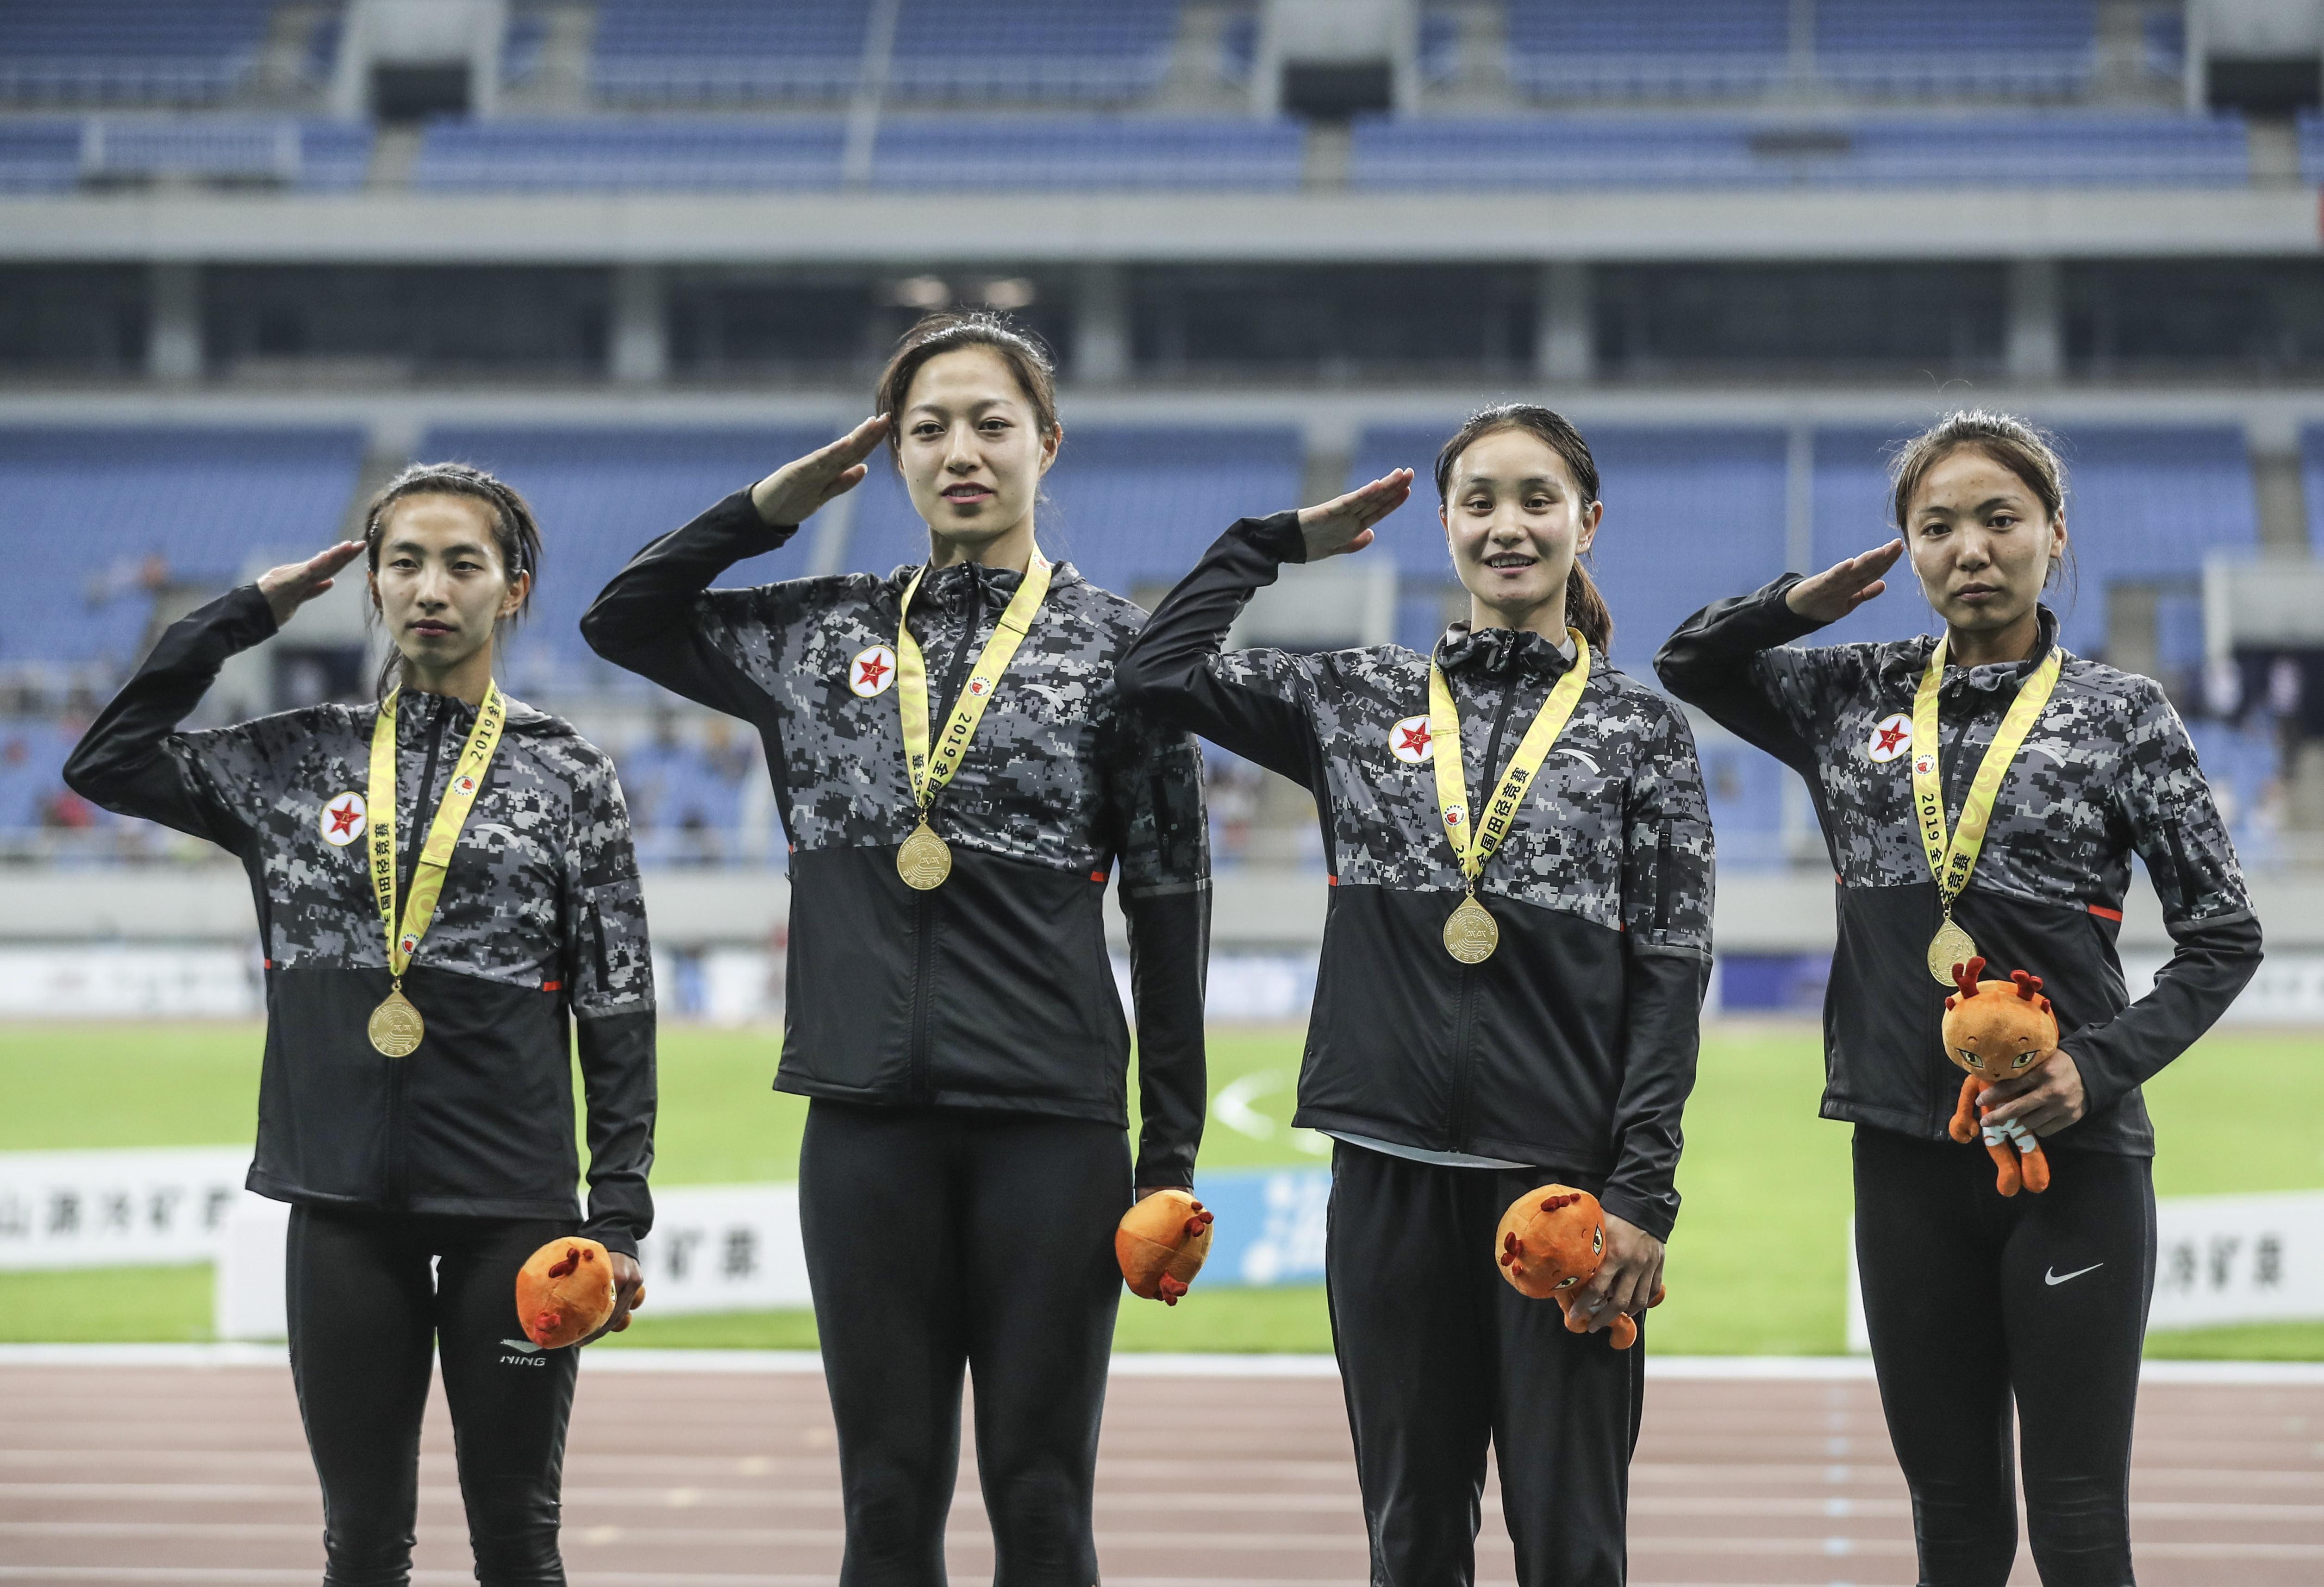 全国锦标赛:八一南昌队获得女子4X100米接力冠军